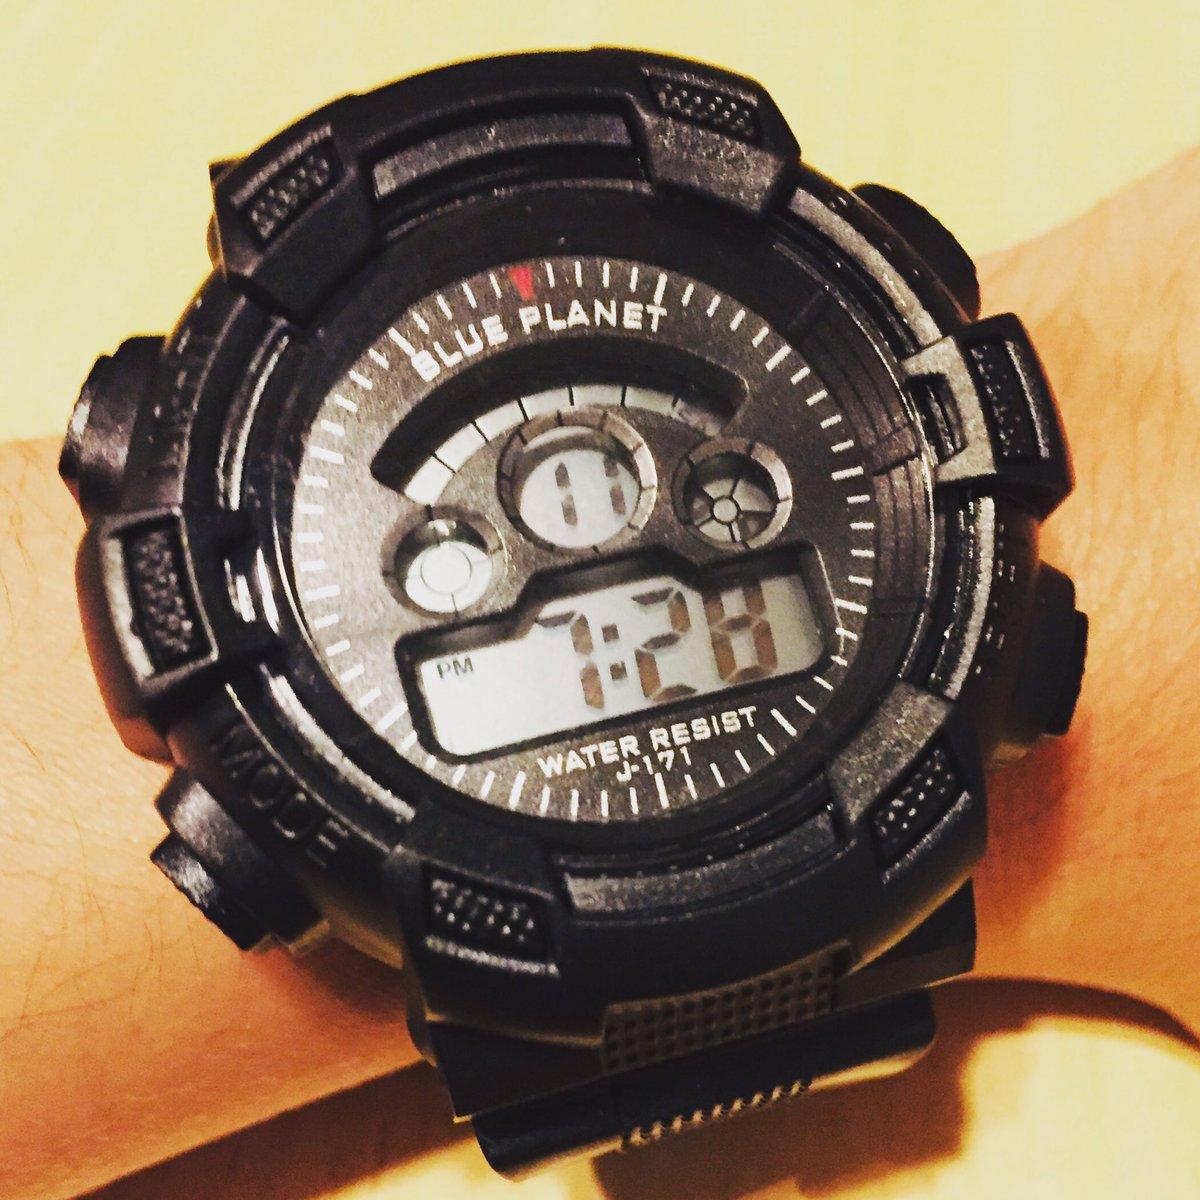 test ツイッターメディア - 明日は職場の試験があるんだけど、腕時計を持っていないから、急きょ購入。これが300円で手に入るんだから、ダイソーはすごいね。助かります。 #ダイソー #腕時計 https://t.co/2uoPWQchF4